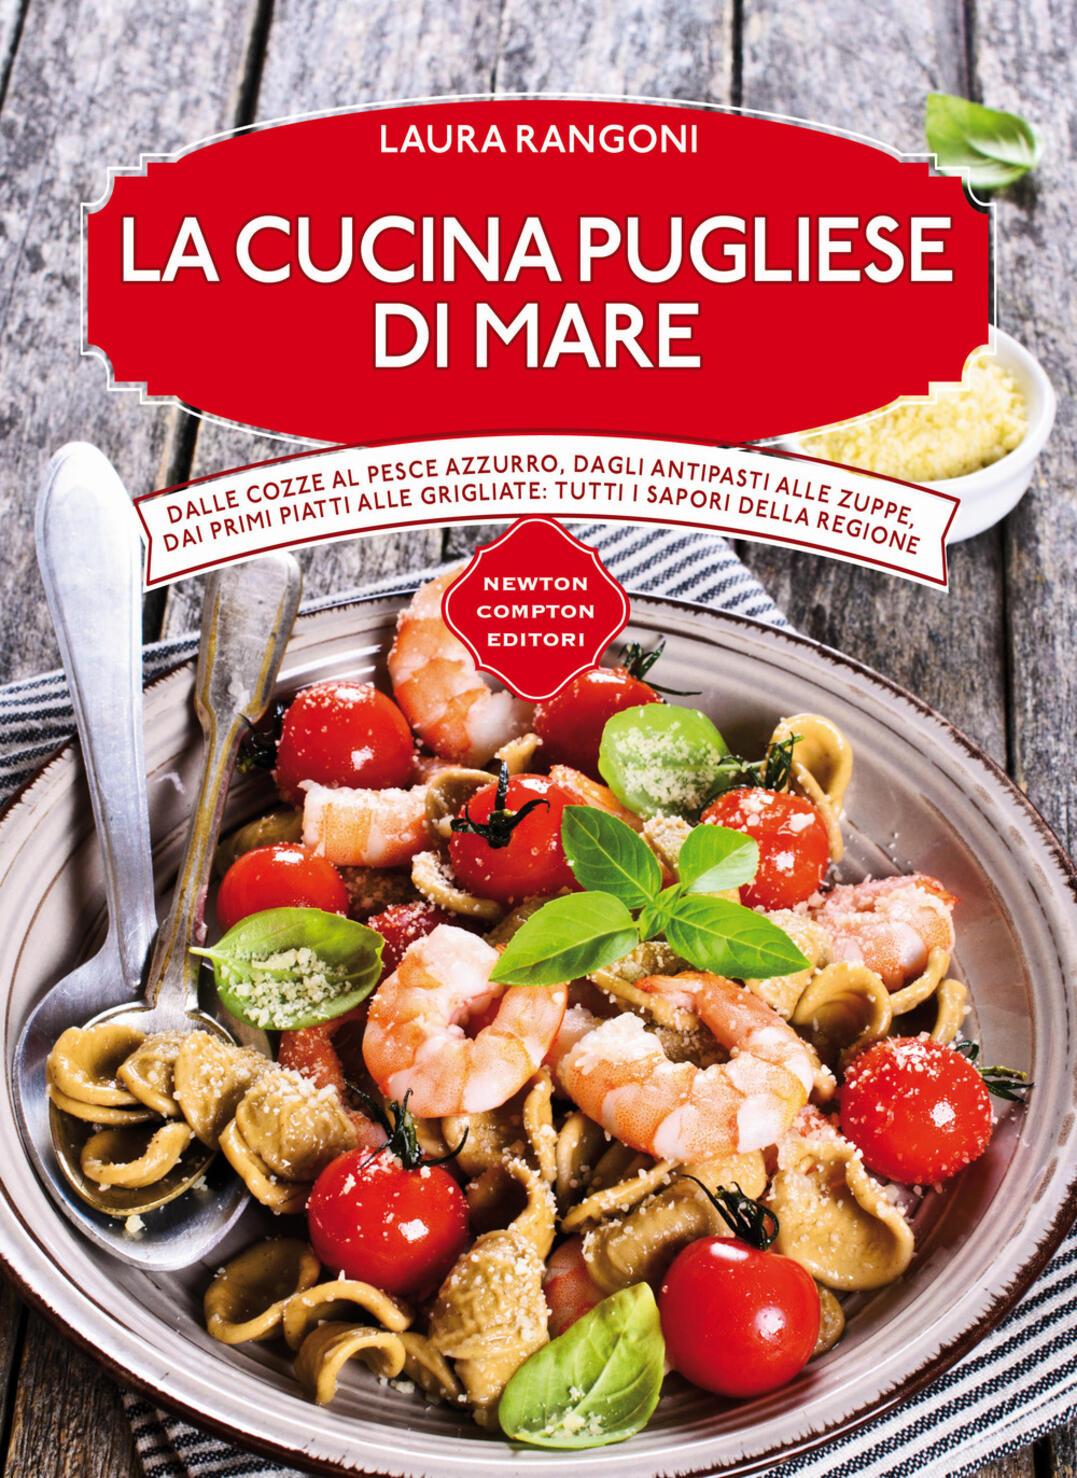 La cucina pugliese di mare - Laura Rangoni - Libro - Newton Compton ...